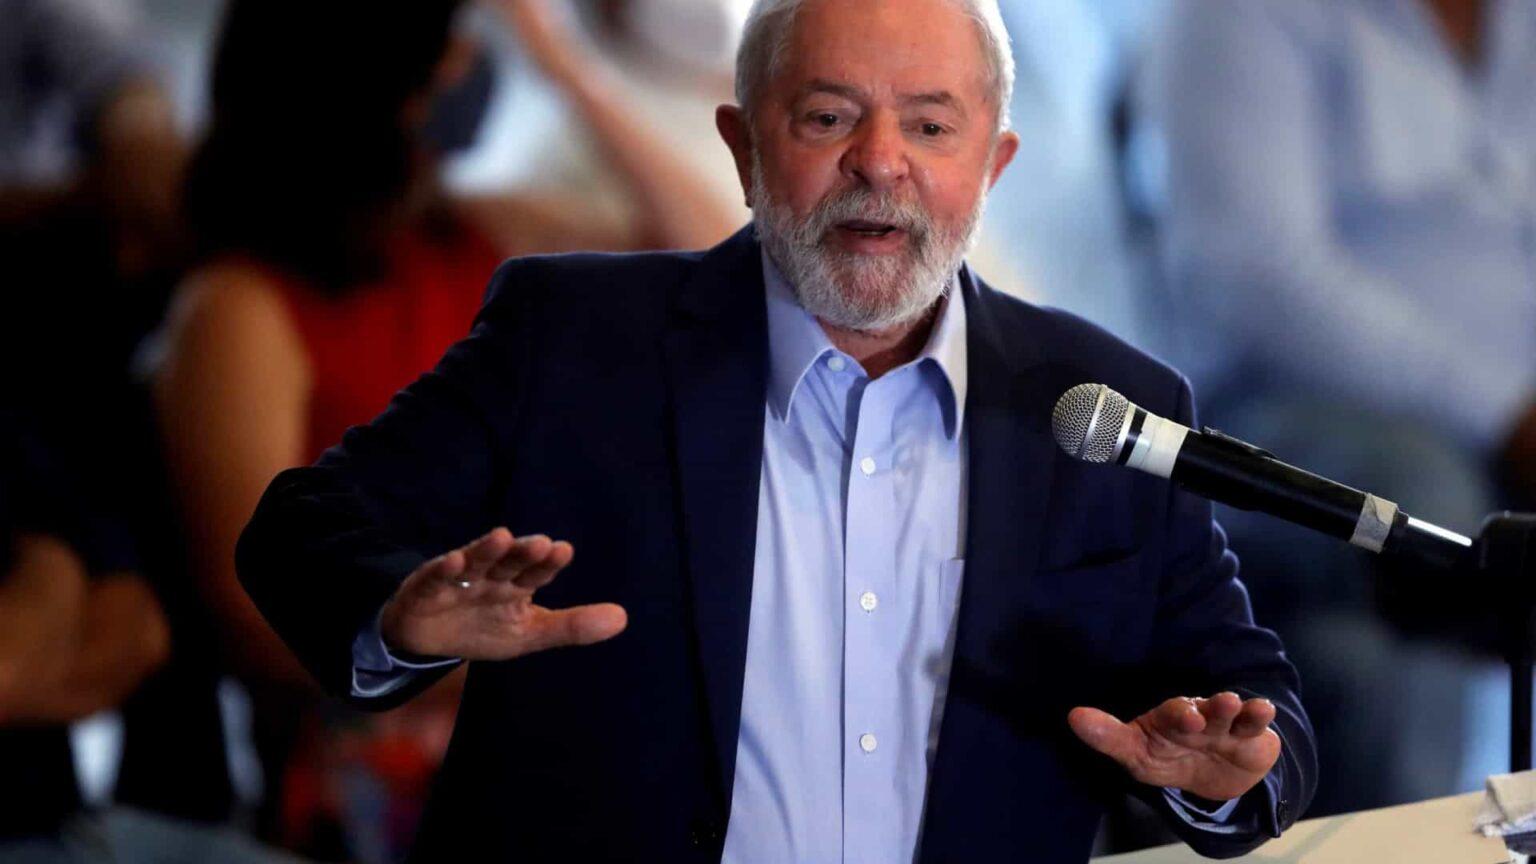 Lula tenta isolar Bolsonaro na direita radical para 2022, e presidente se agarra a anticomunismo